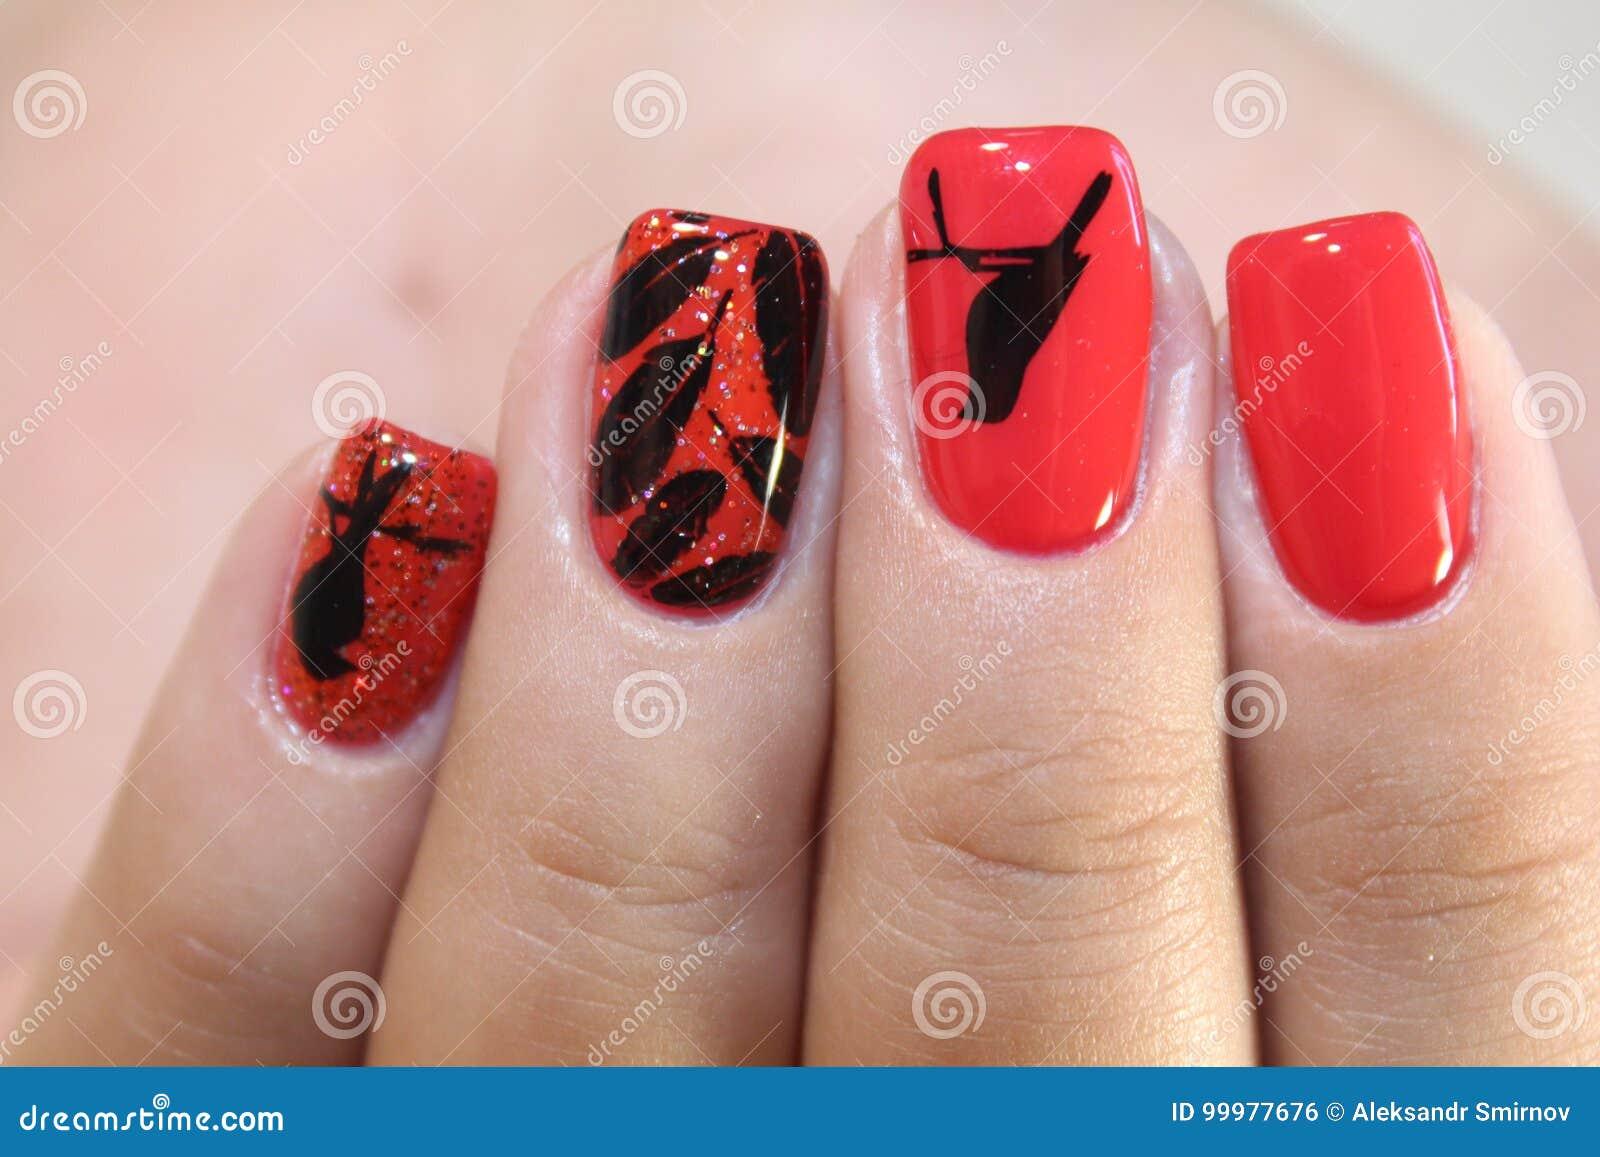 Bezaubernd Nägel Muster Foto Von Pattern Rote Nägel Des Maniküredesigns Mit Stockfoto